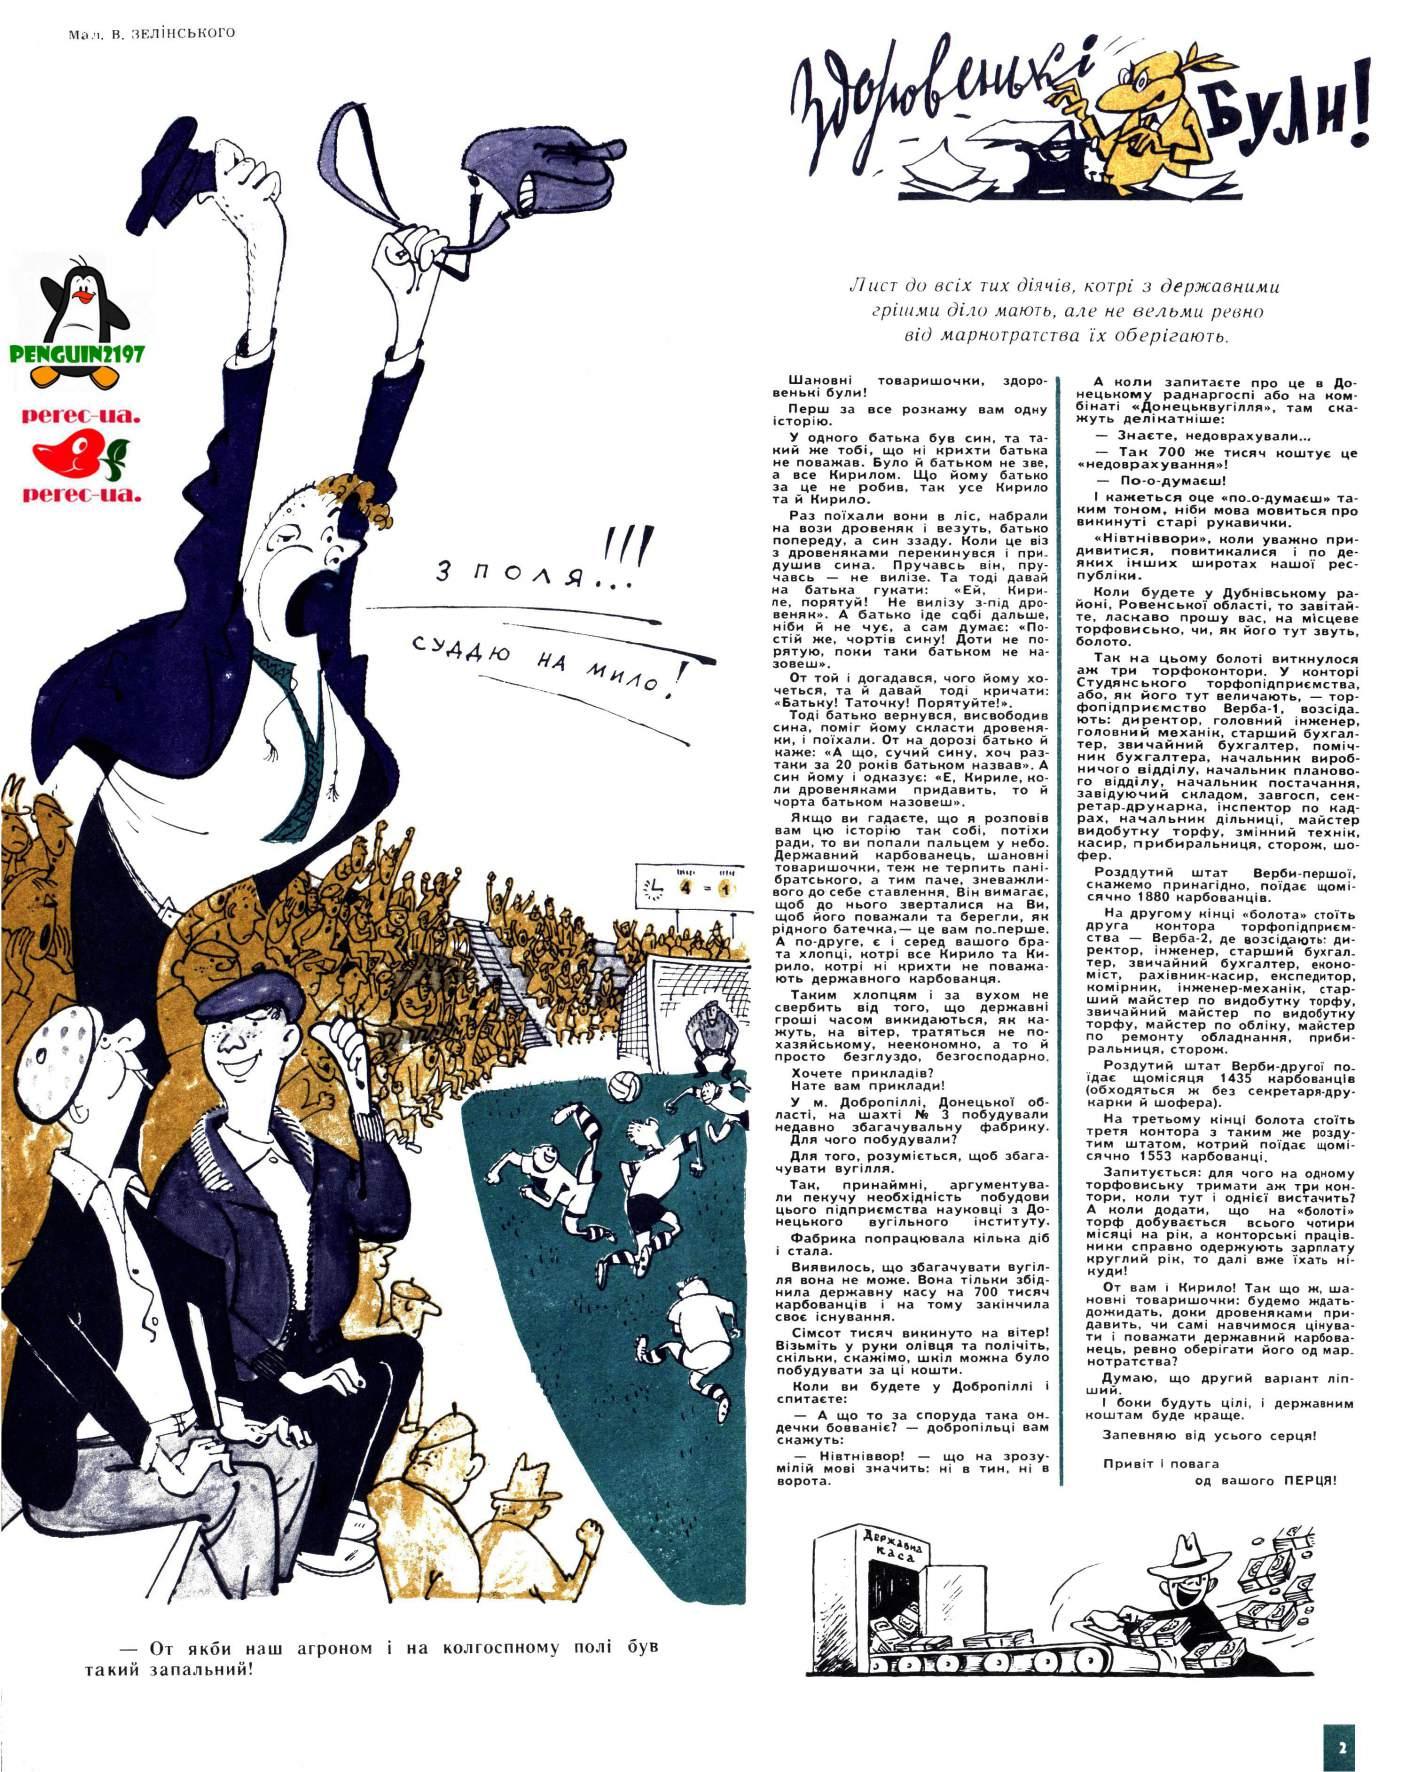 Журнал перець 1964 №17